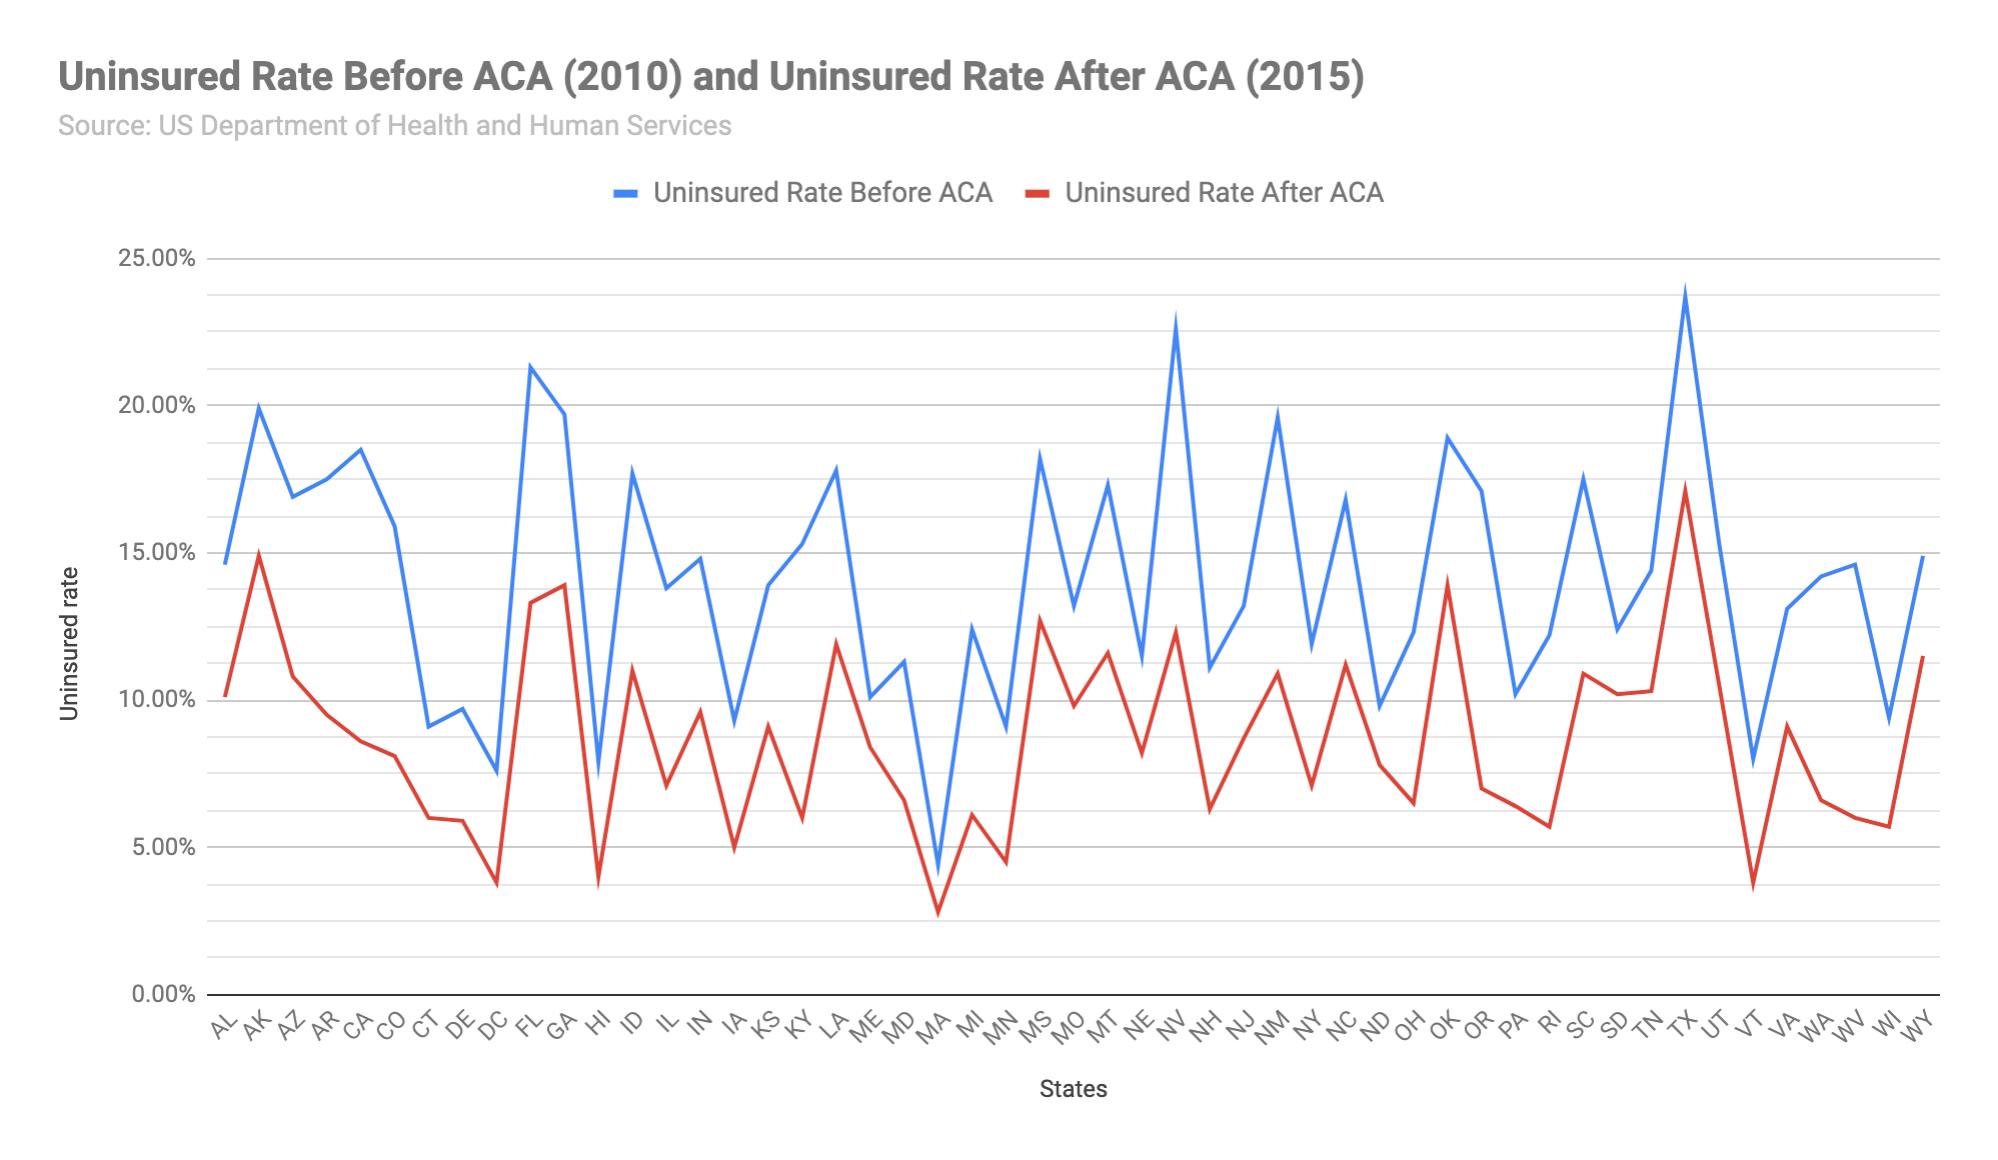 uninsured rates united states